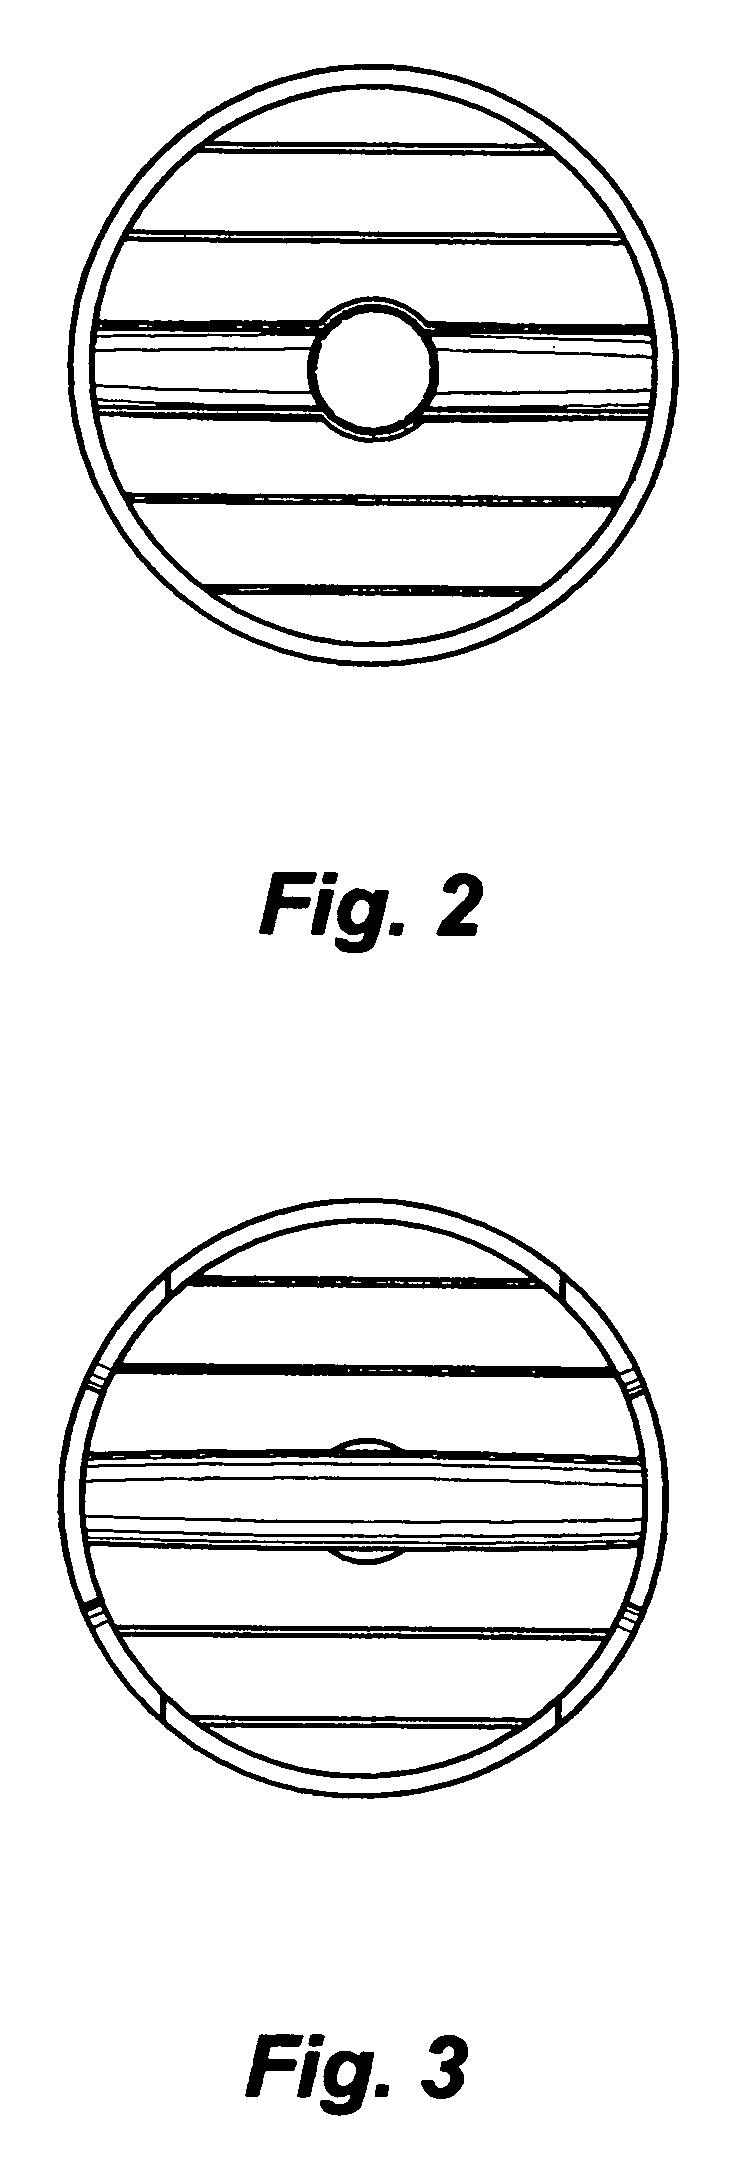 苹果工业设计手绘